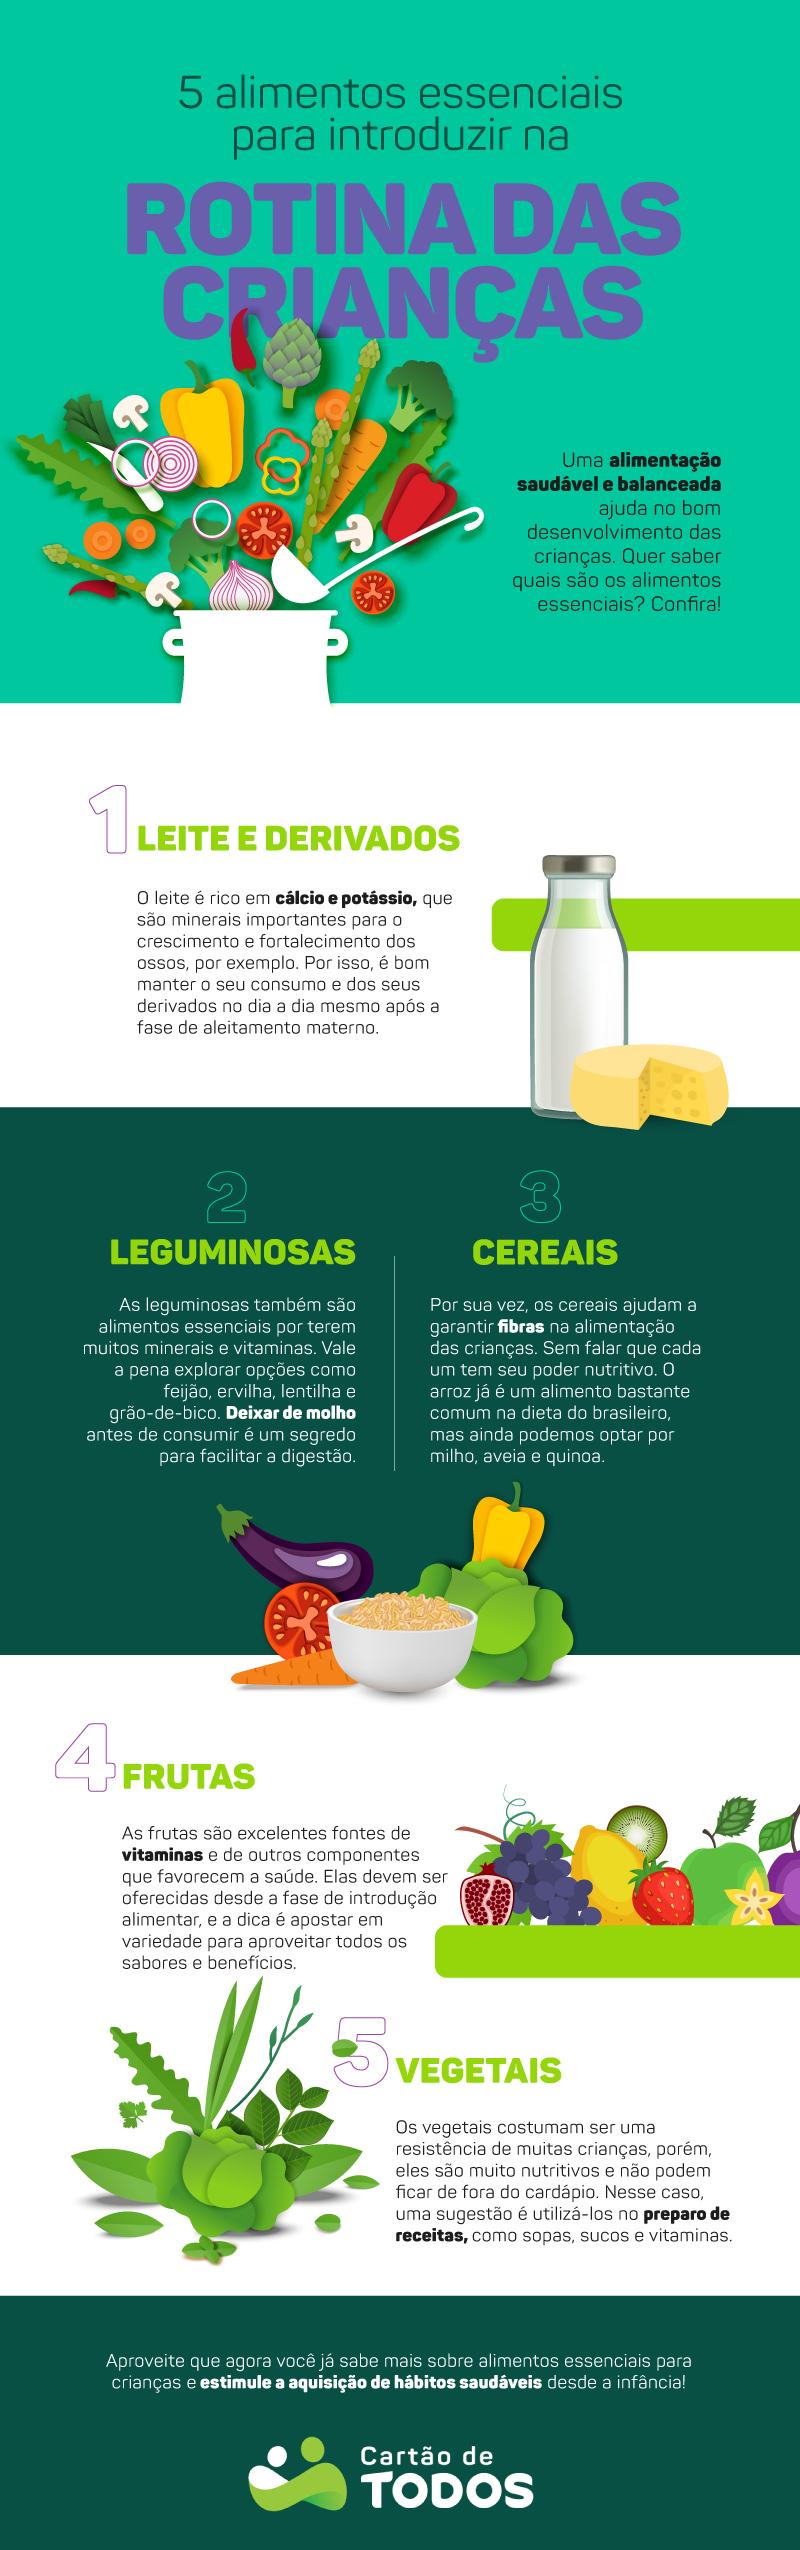 5-alimentos-essenciais-para-introduzir-na-rotina